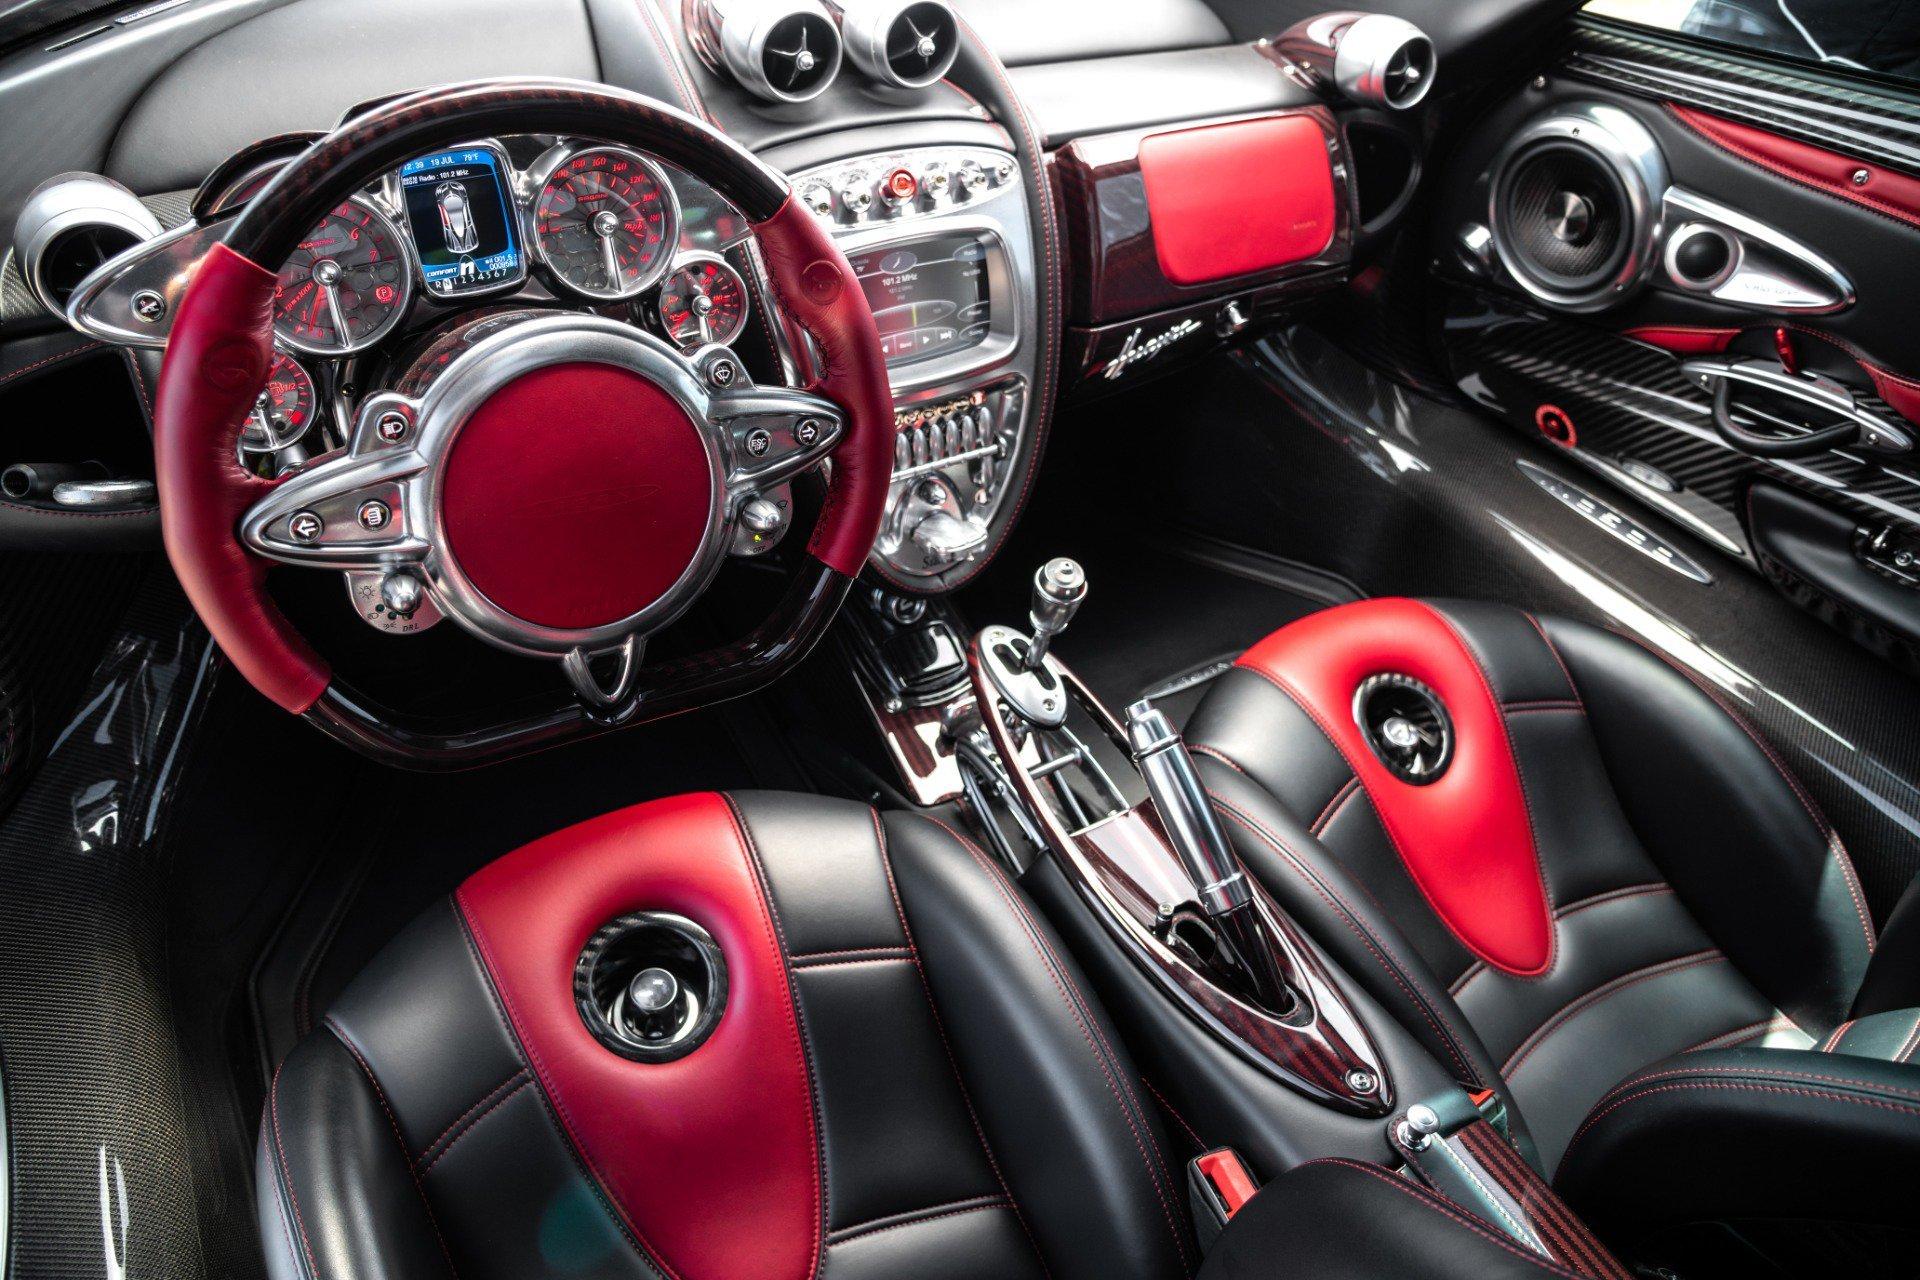 Siêu xe Pagani Huayra diện áo đỏ carbon 'độc nhất'